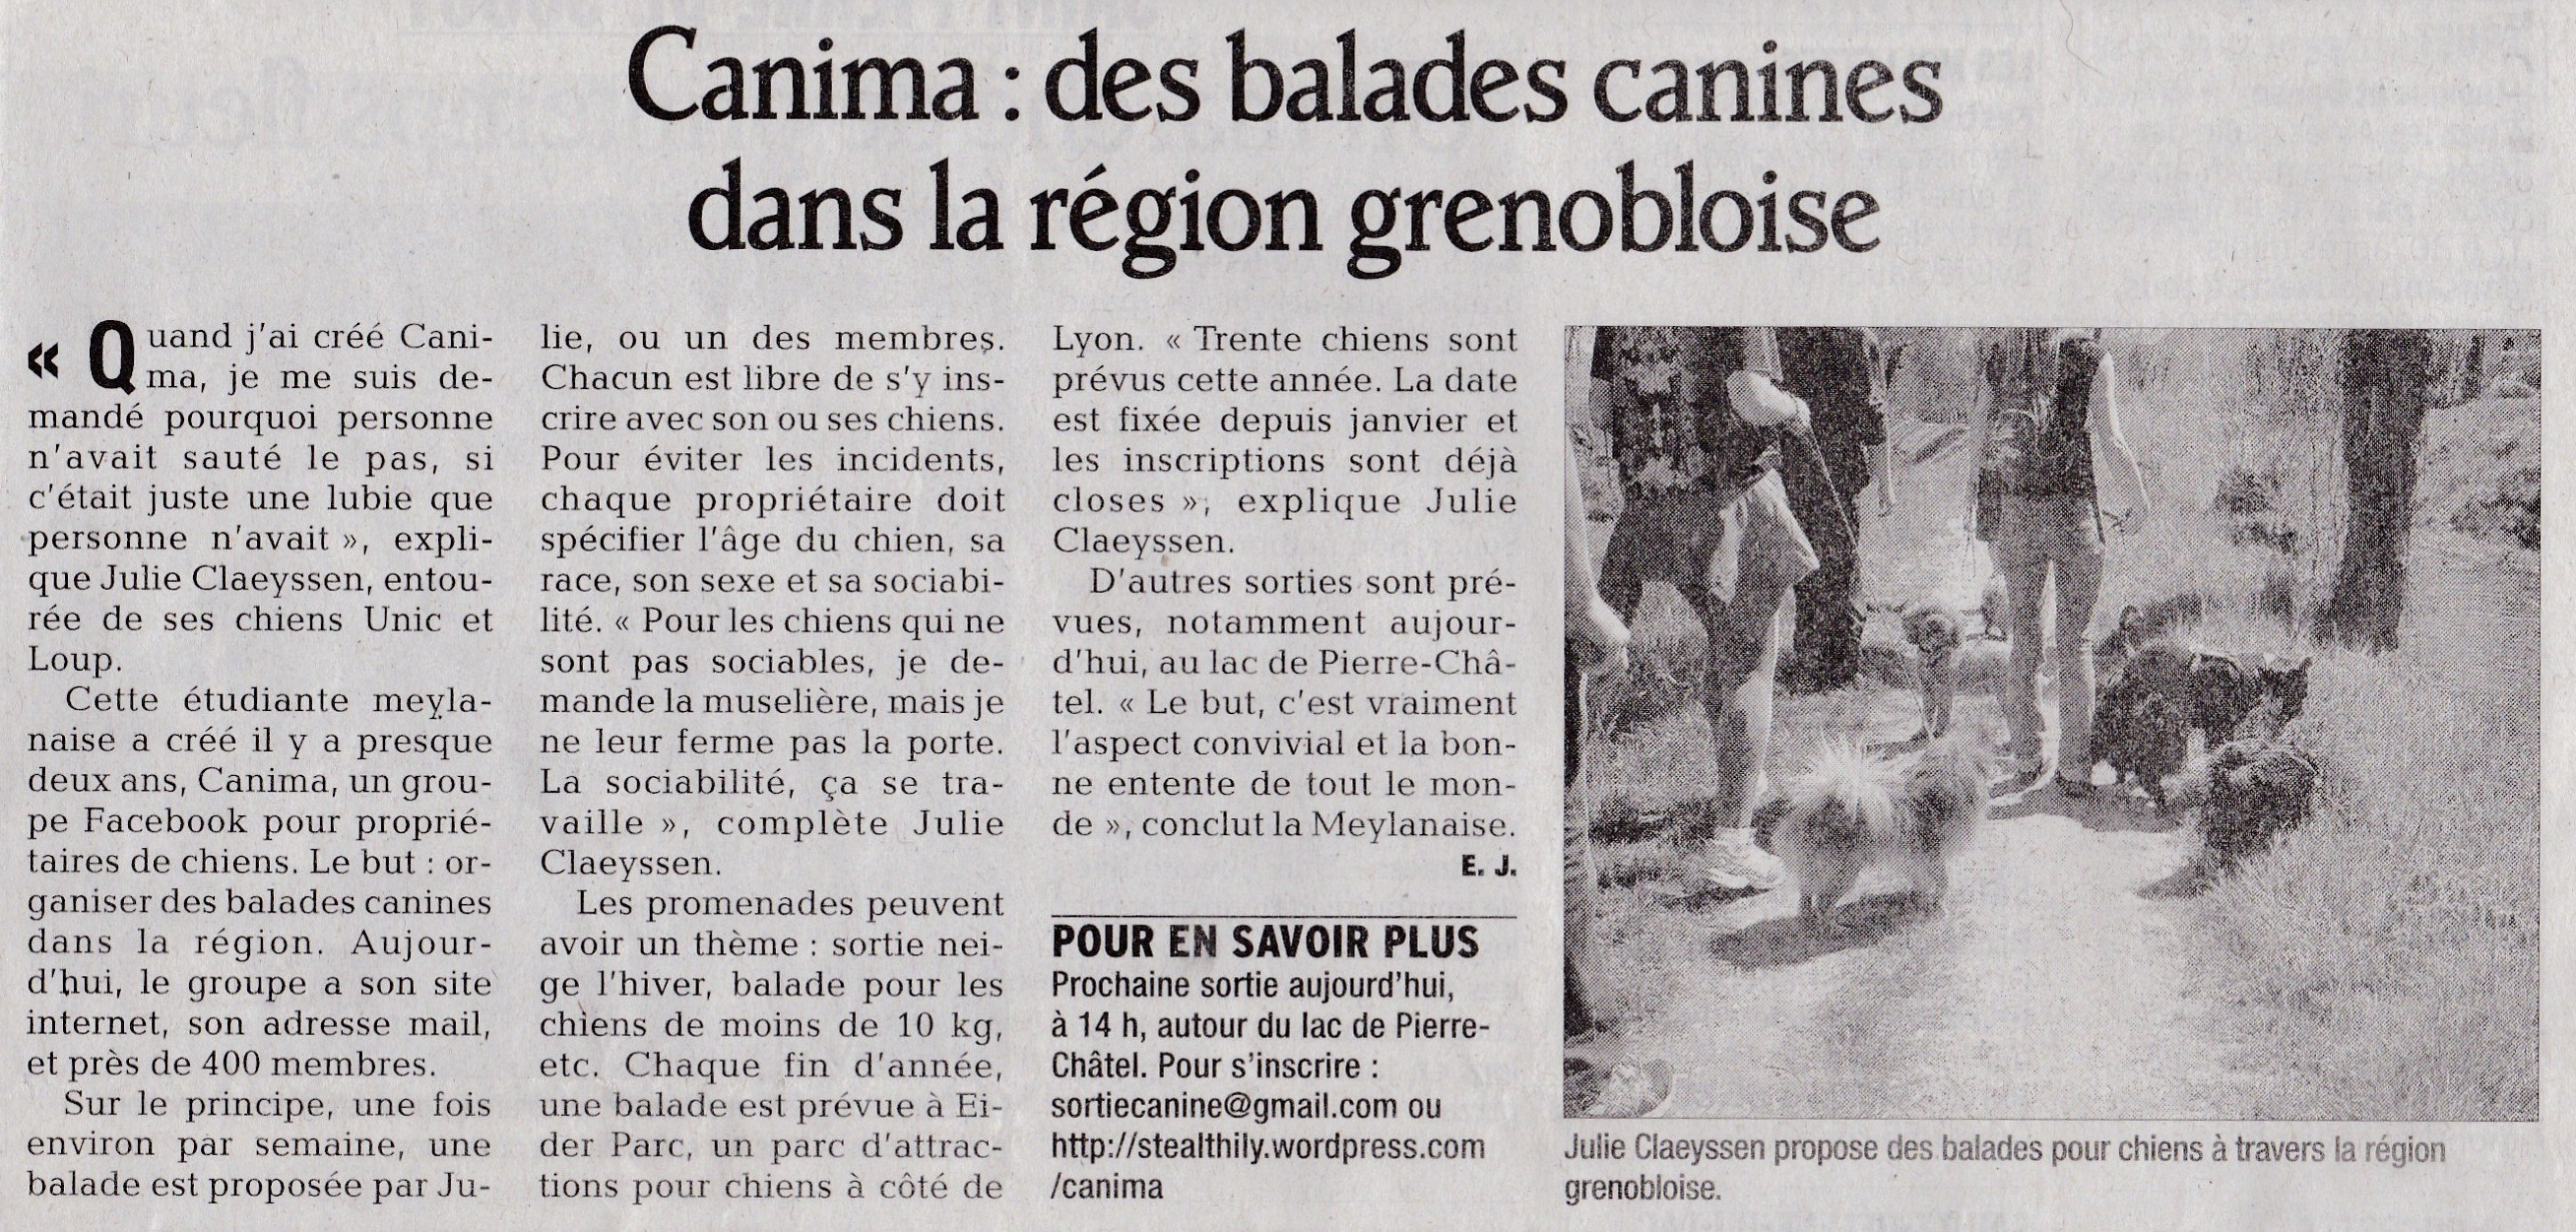 Canima - www.canima.net - Dauphiné